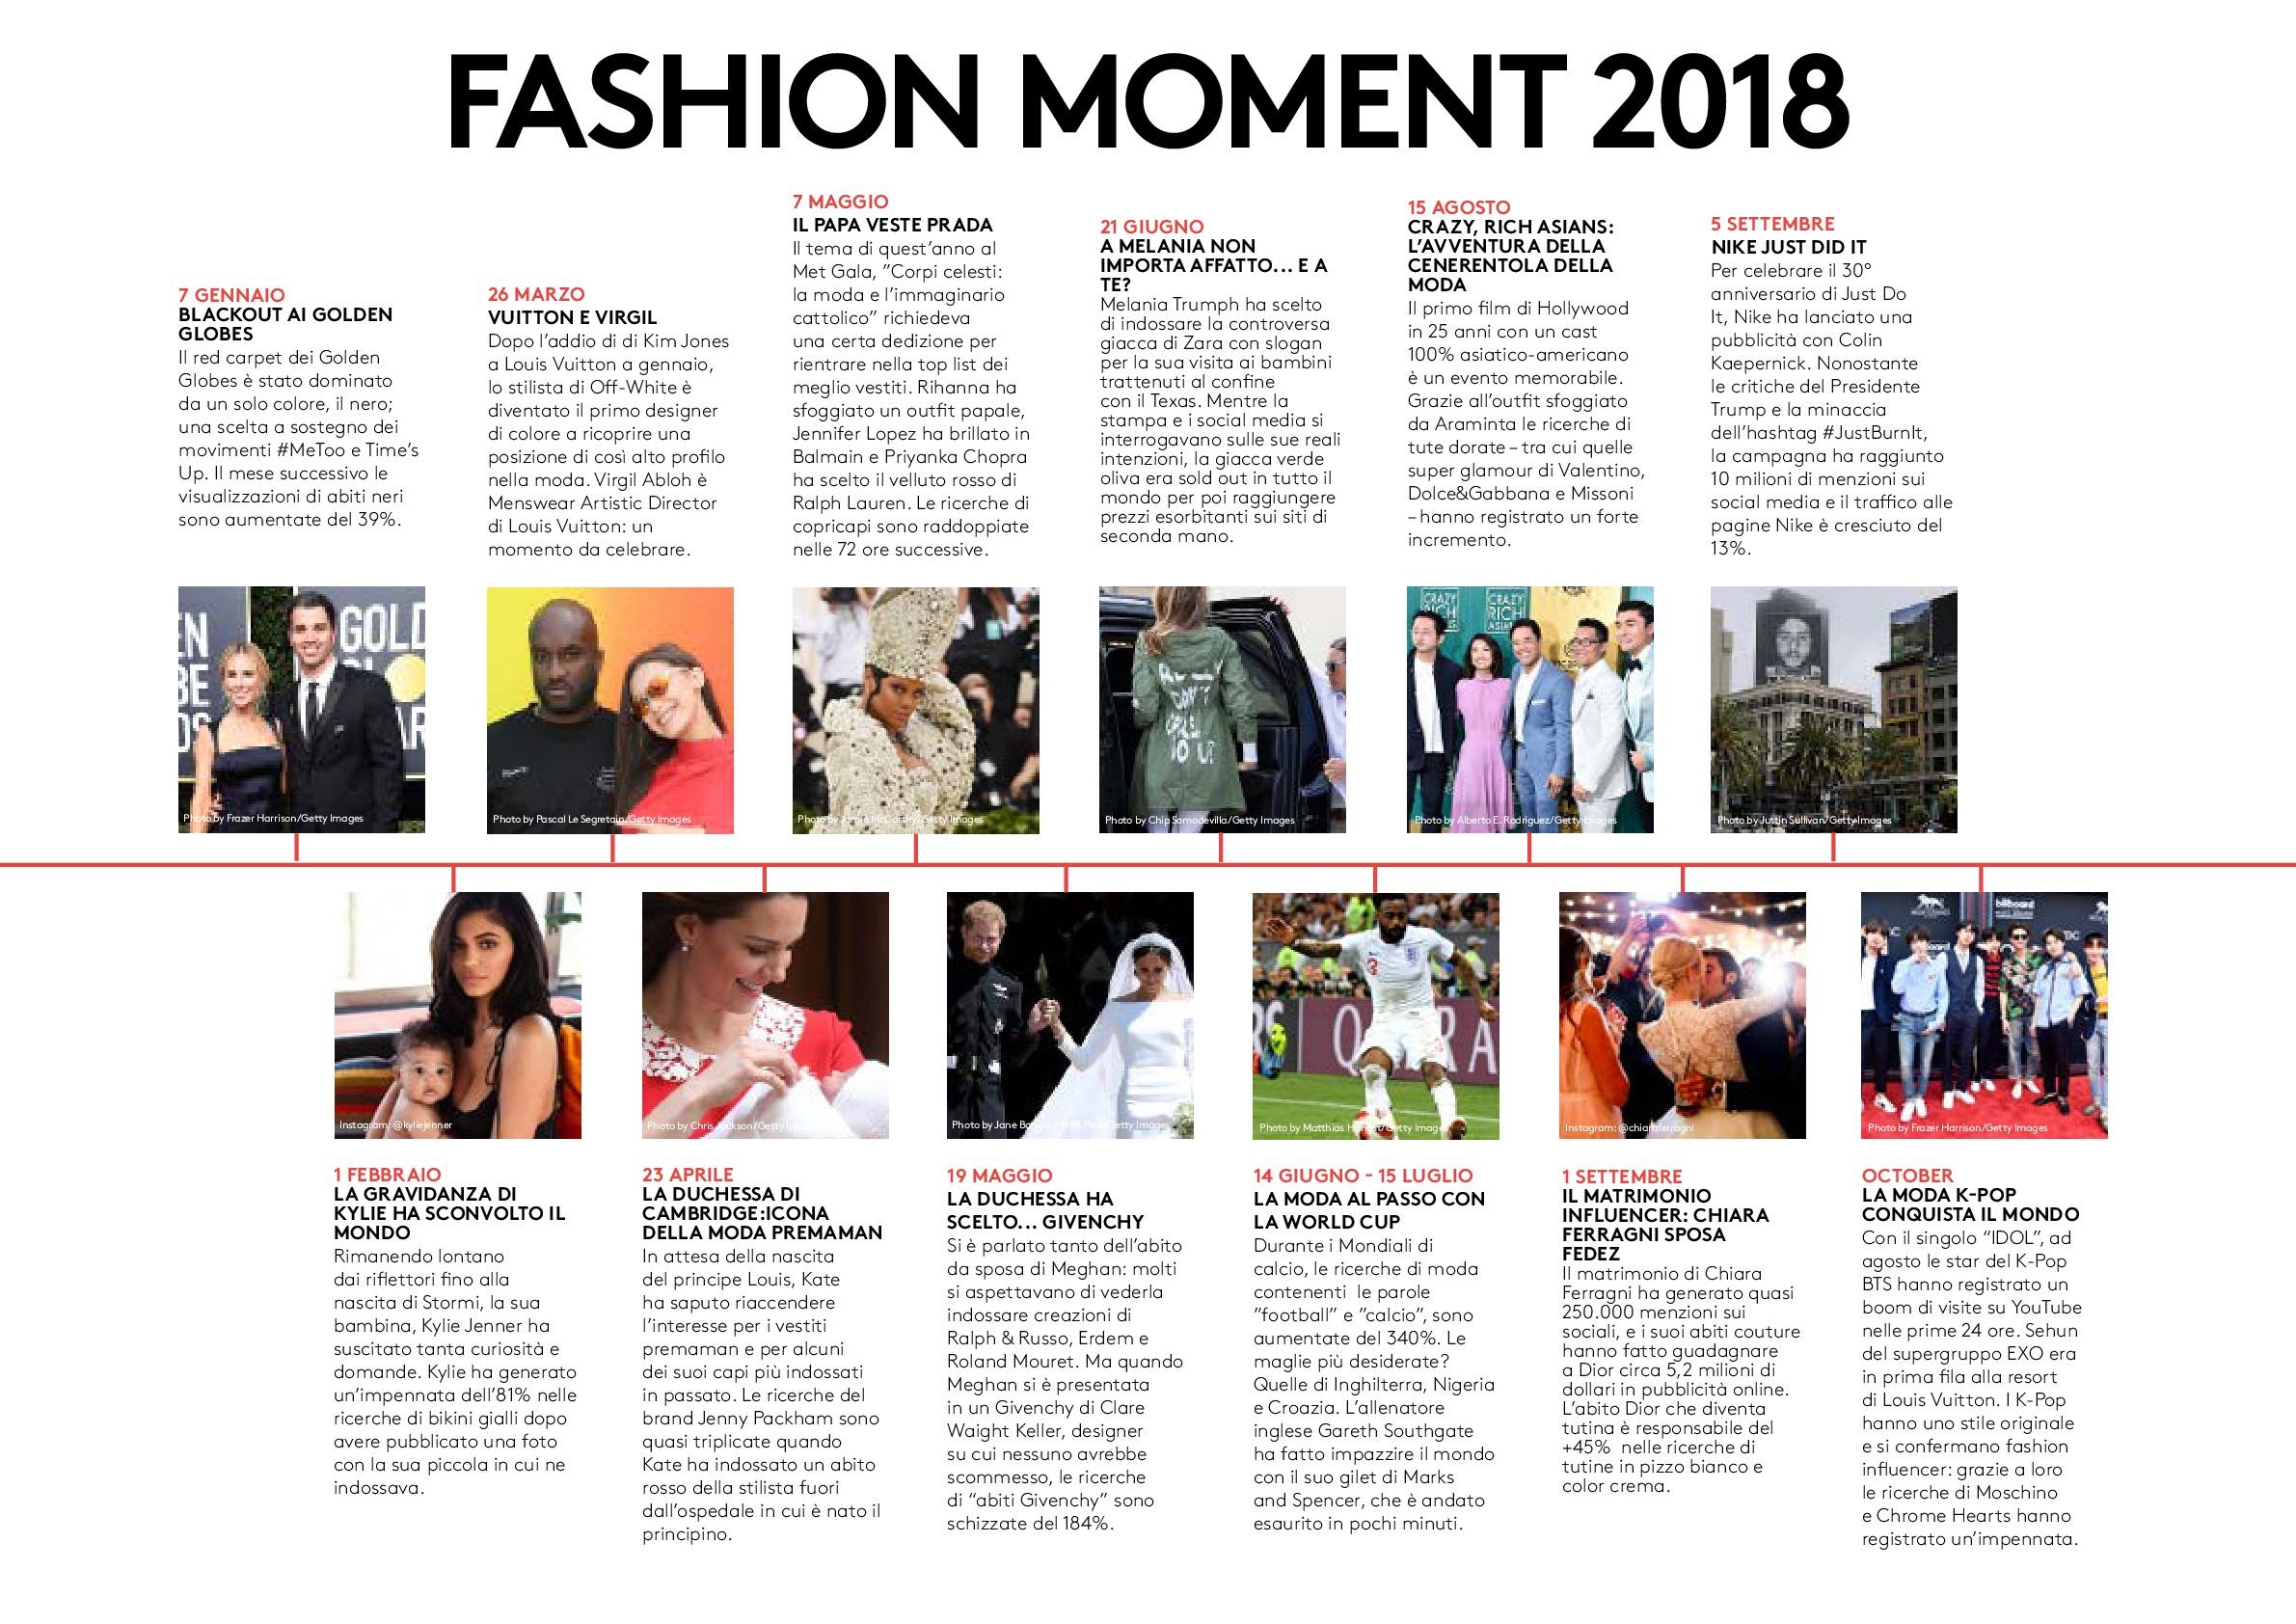 10a09eef63 Year In Fashion 2018: Il Report di Lyst sulle Tendenze del mondo ...